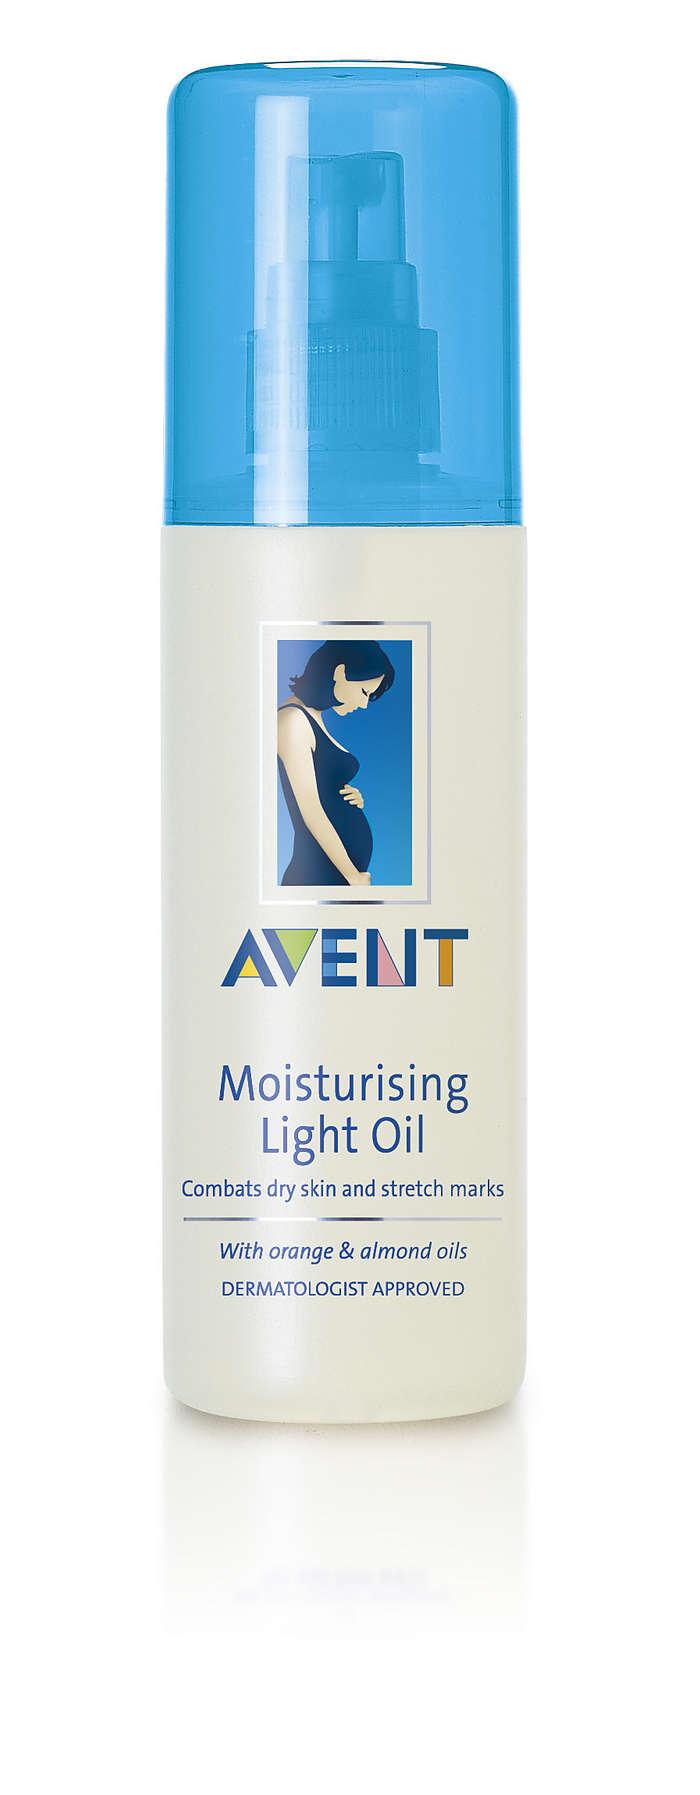 改善乾燥肌膚與妊娠紋